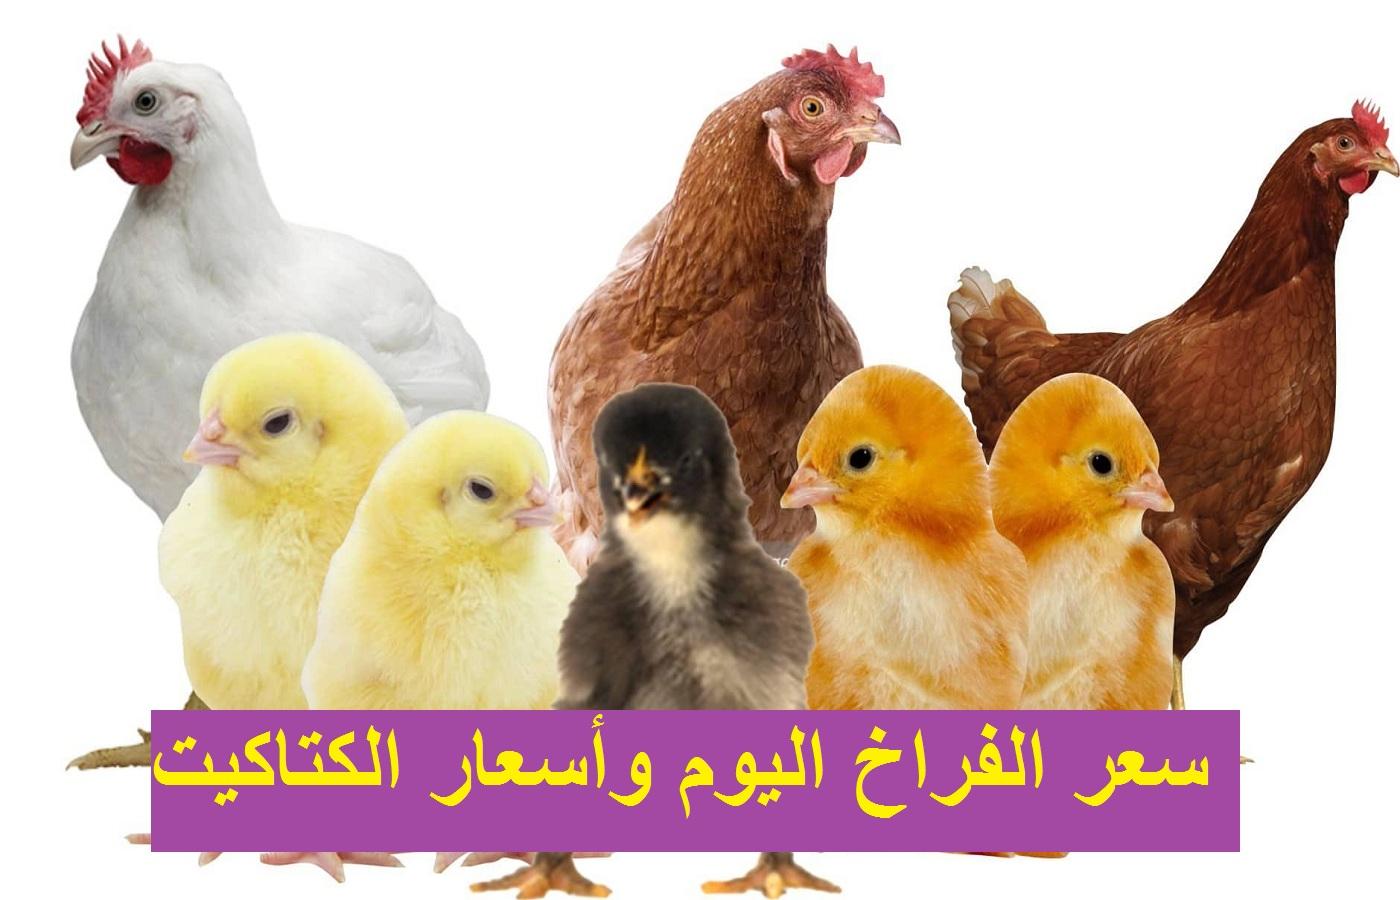 تراجع أسعار الدواجن رابع يوم رمضان.. سعر الفراخ البيضاء اليوم الجمعة 16 أبريل 2021 في بورصة الدواجن